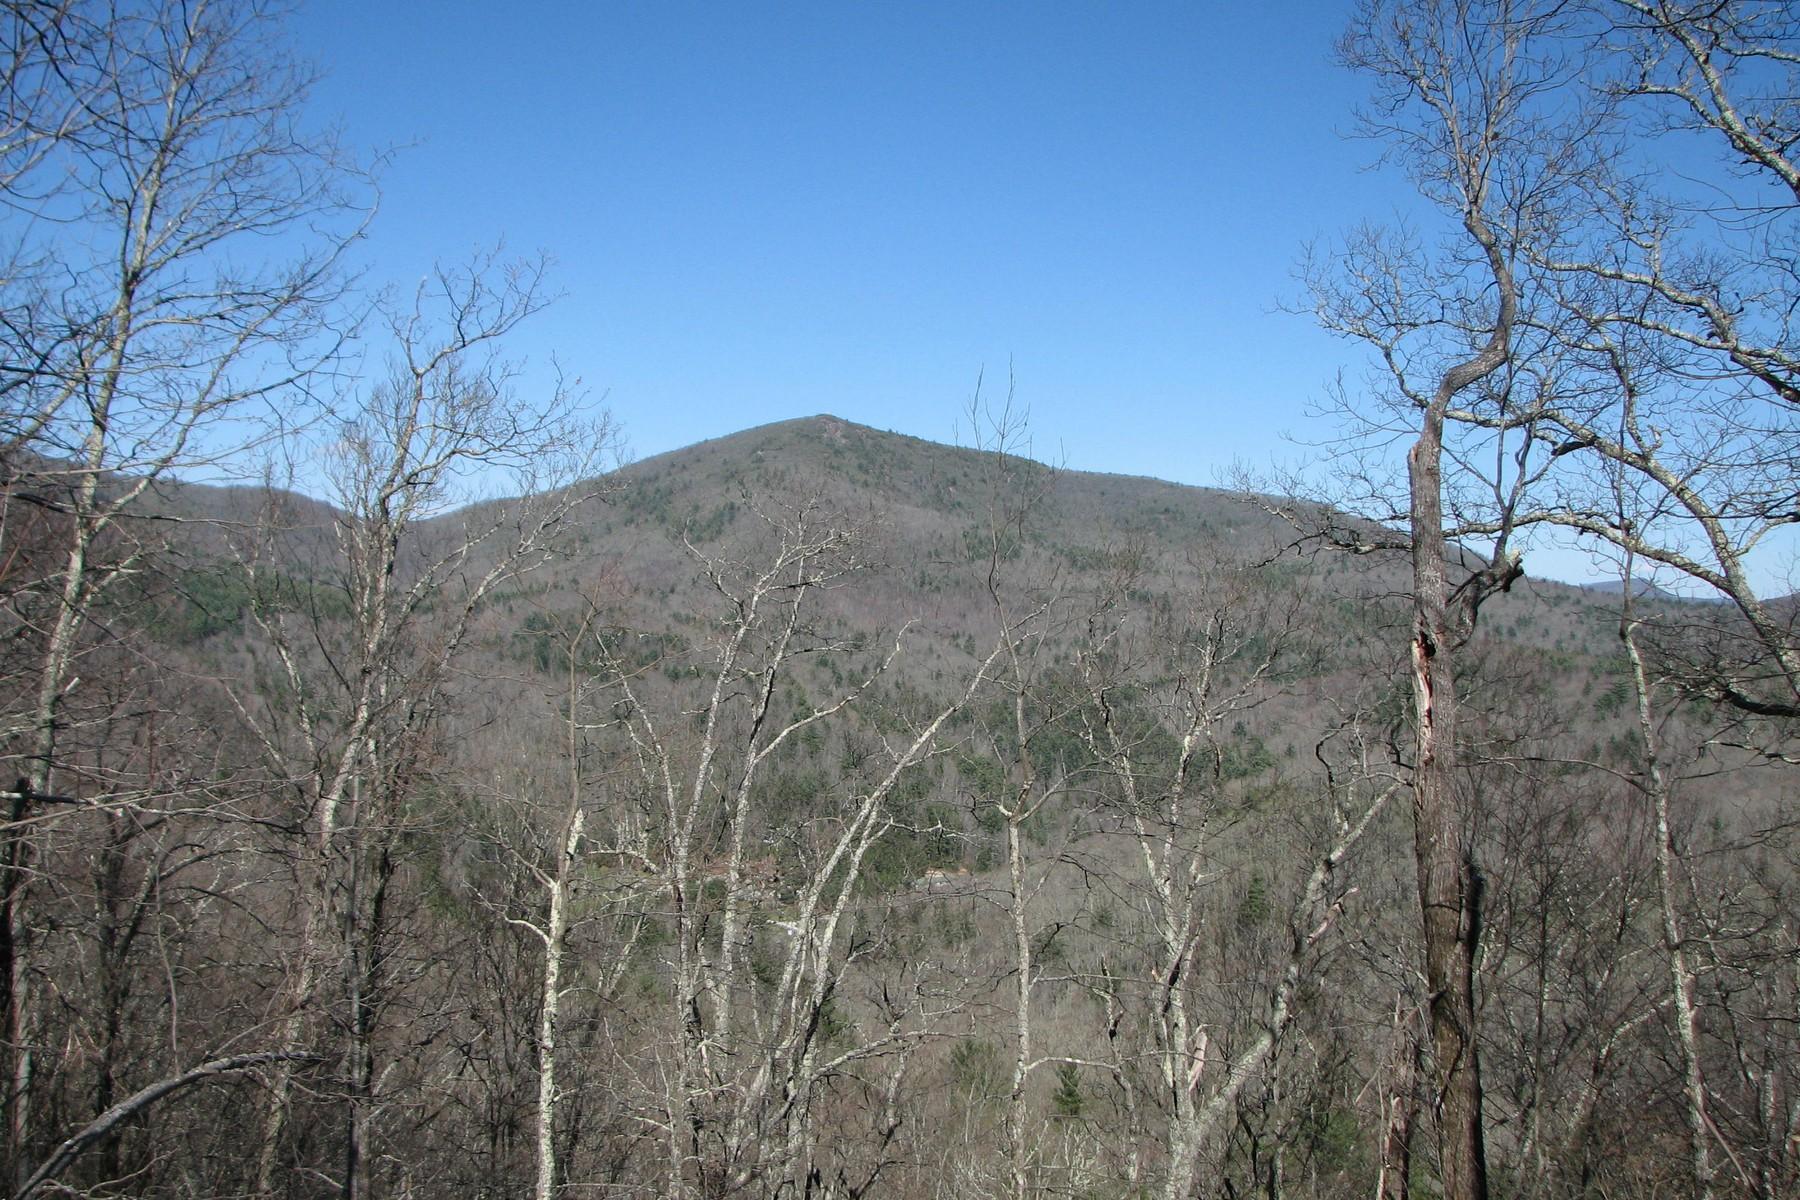 Land for Sale at The Ridges of Highlands Lot 6 Historic Highlands Drive Highlands, North Carolina, 28741 United States